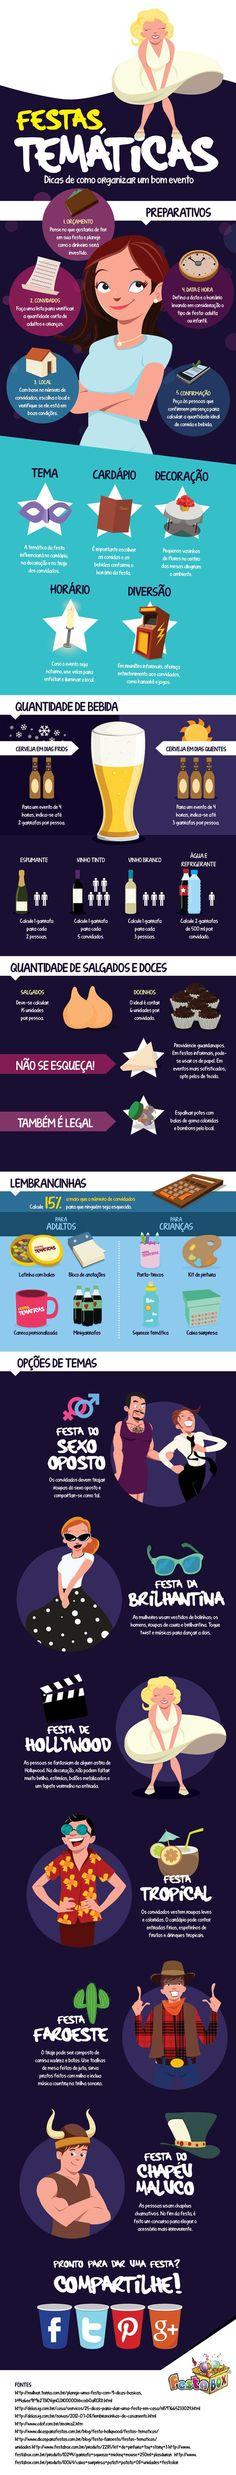 Dicas de como organizar uma festa tematica www.festabox.com.br